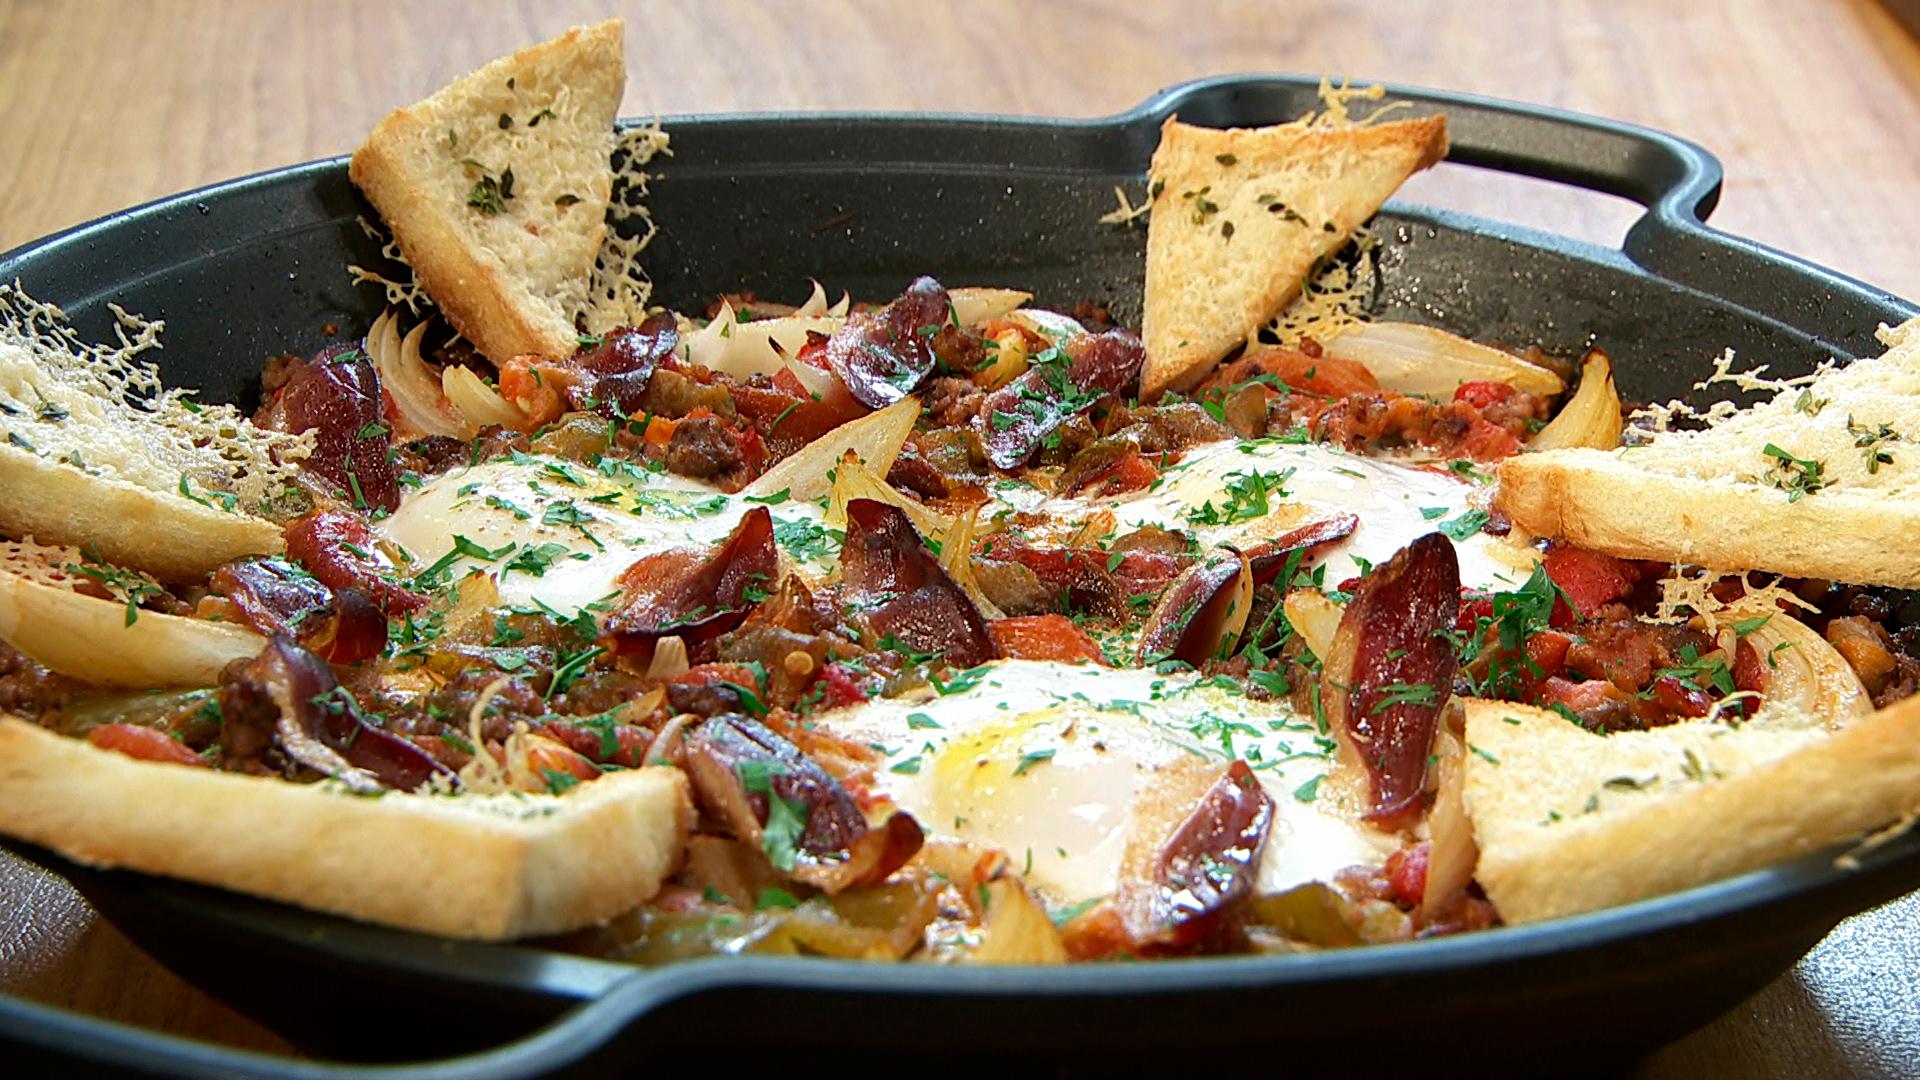 Torres en la cocina huevos al horno con verduras - Cocina al horno ...